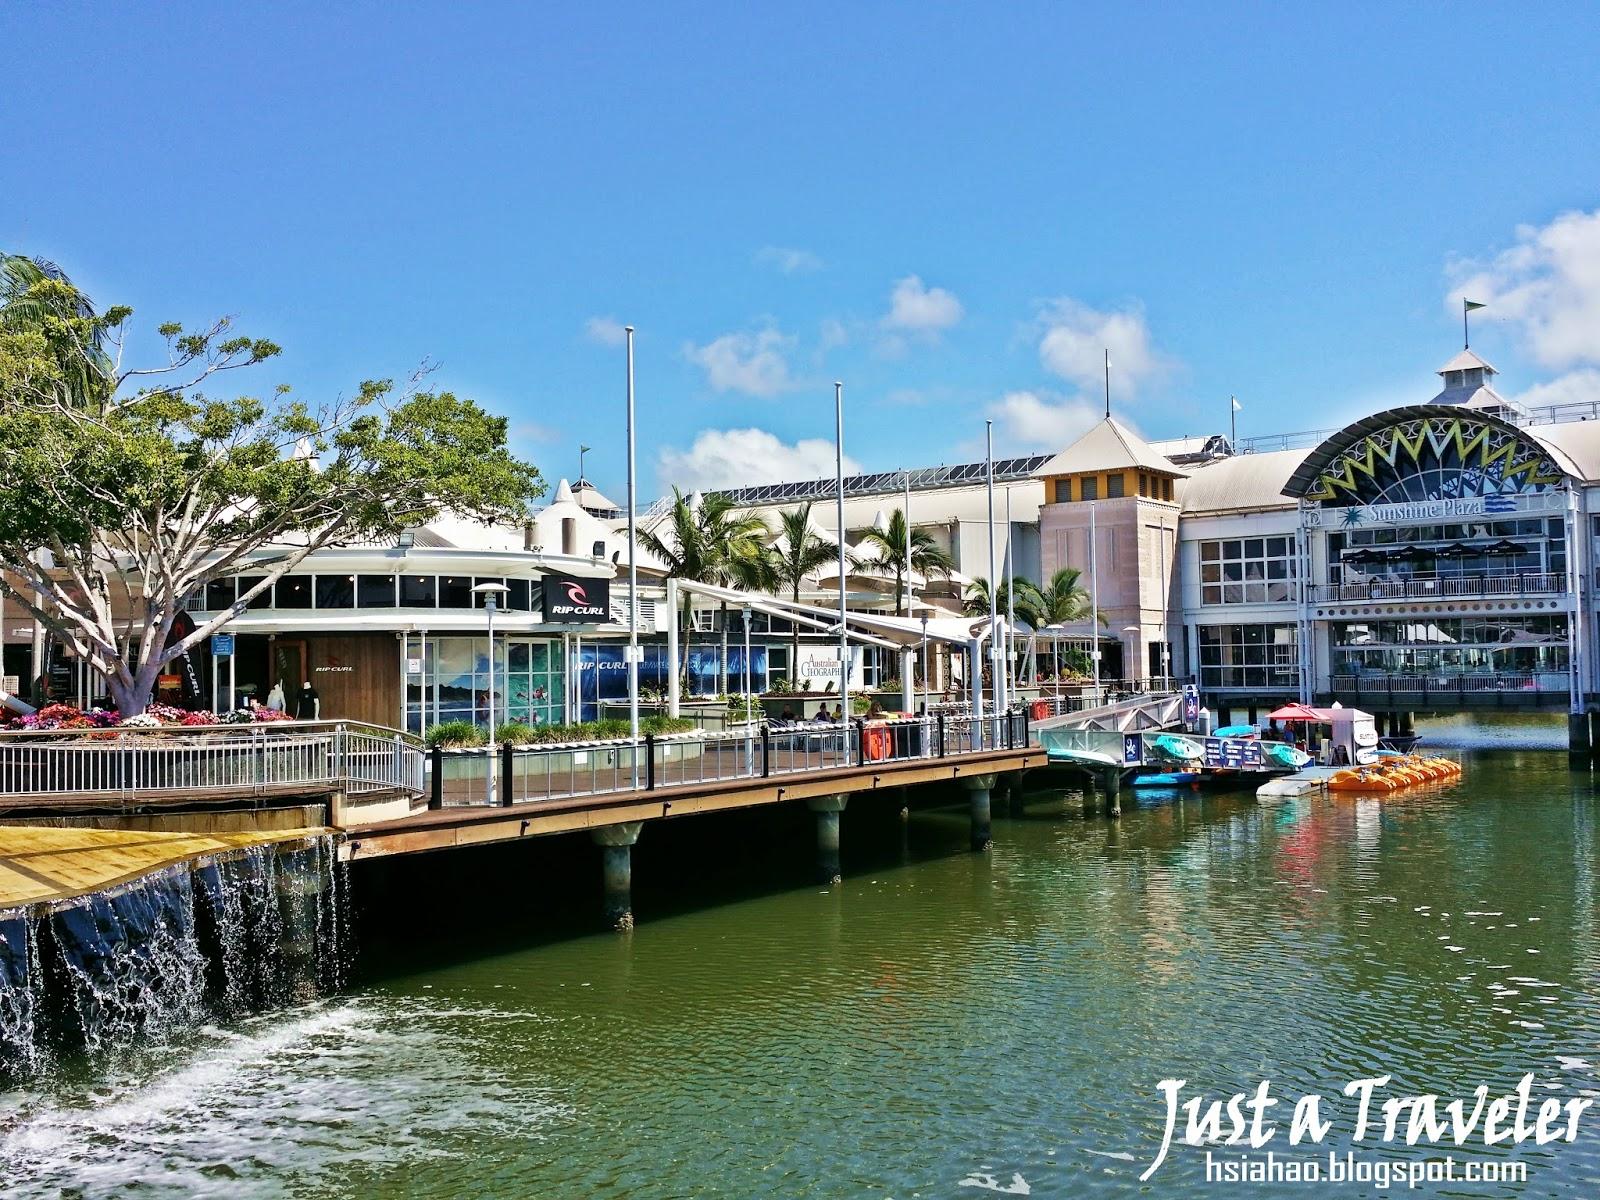 陽光海岸-海灘-一日遊-遊記-陽光海岸景點-推薦-住宿-Sunshine-Coast